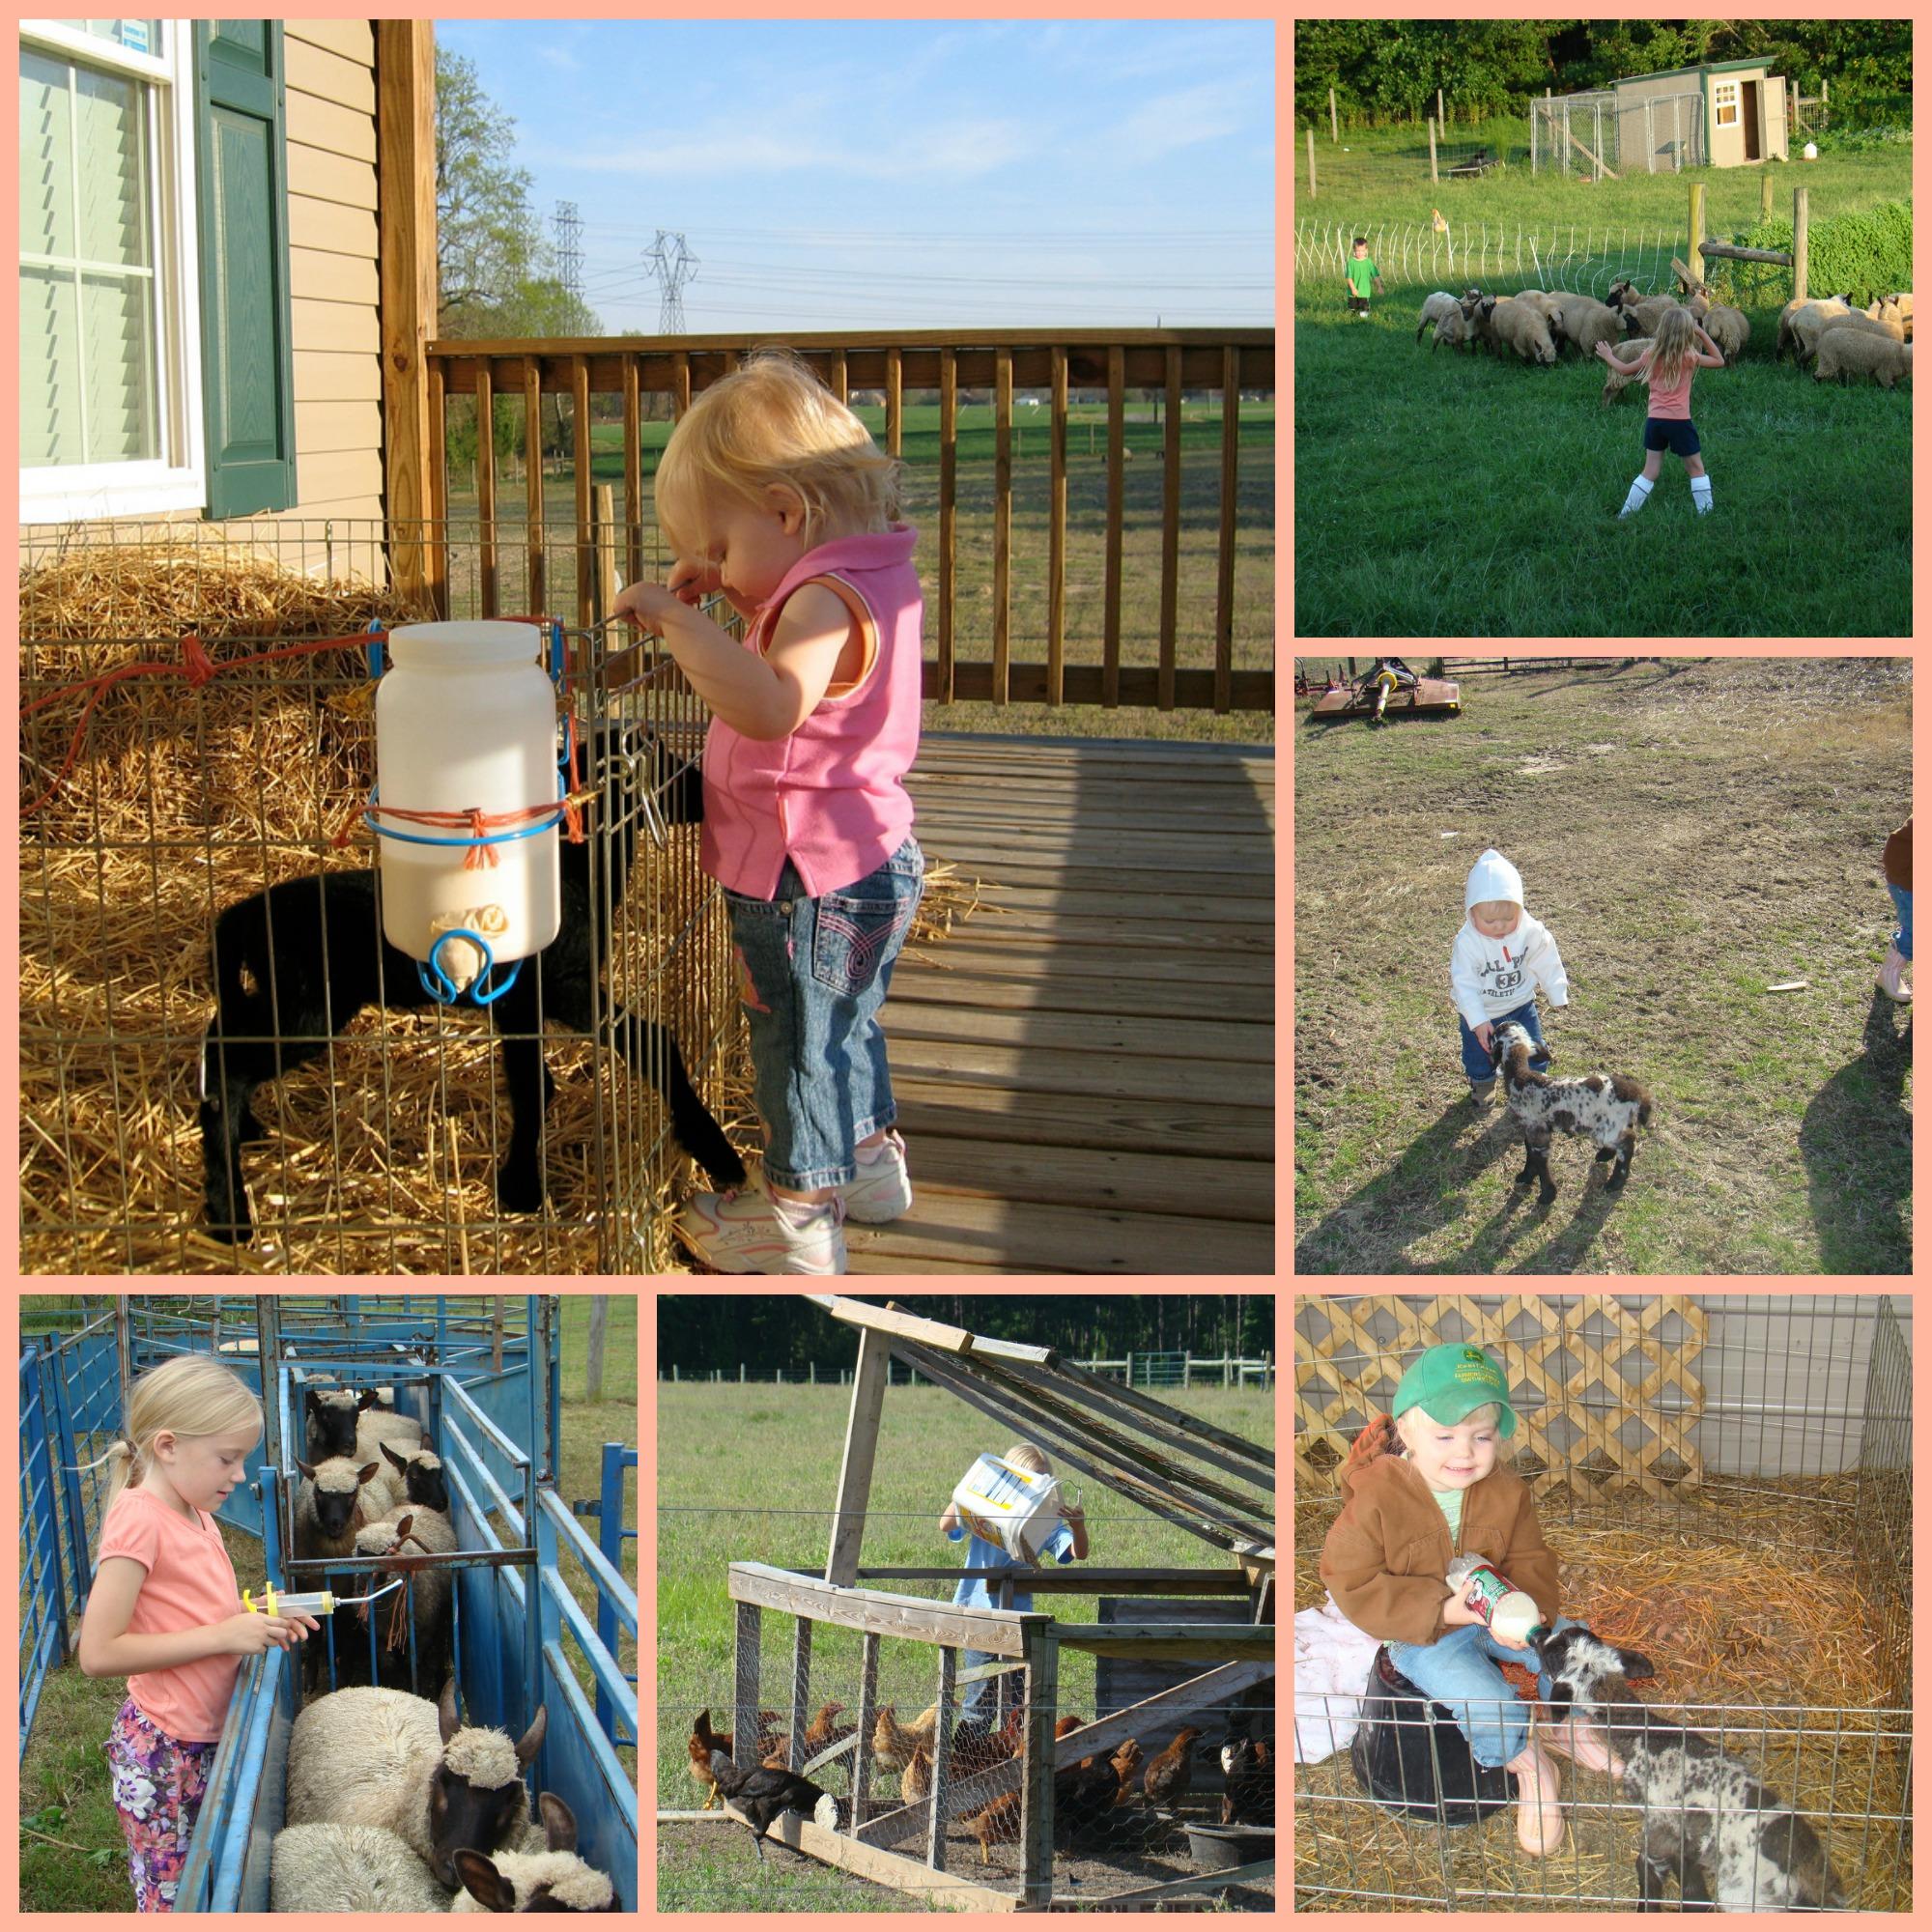 farm kids with farm animals